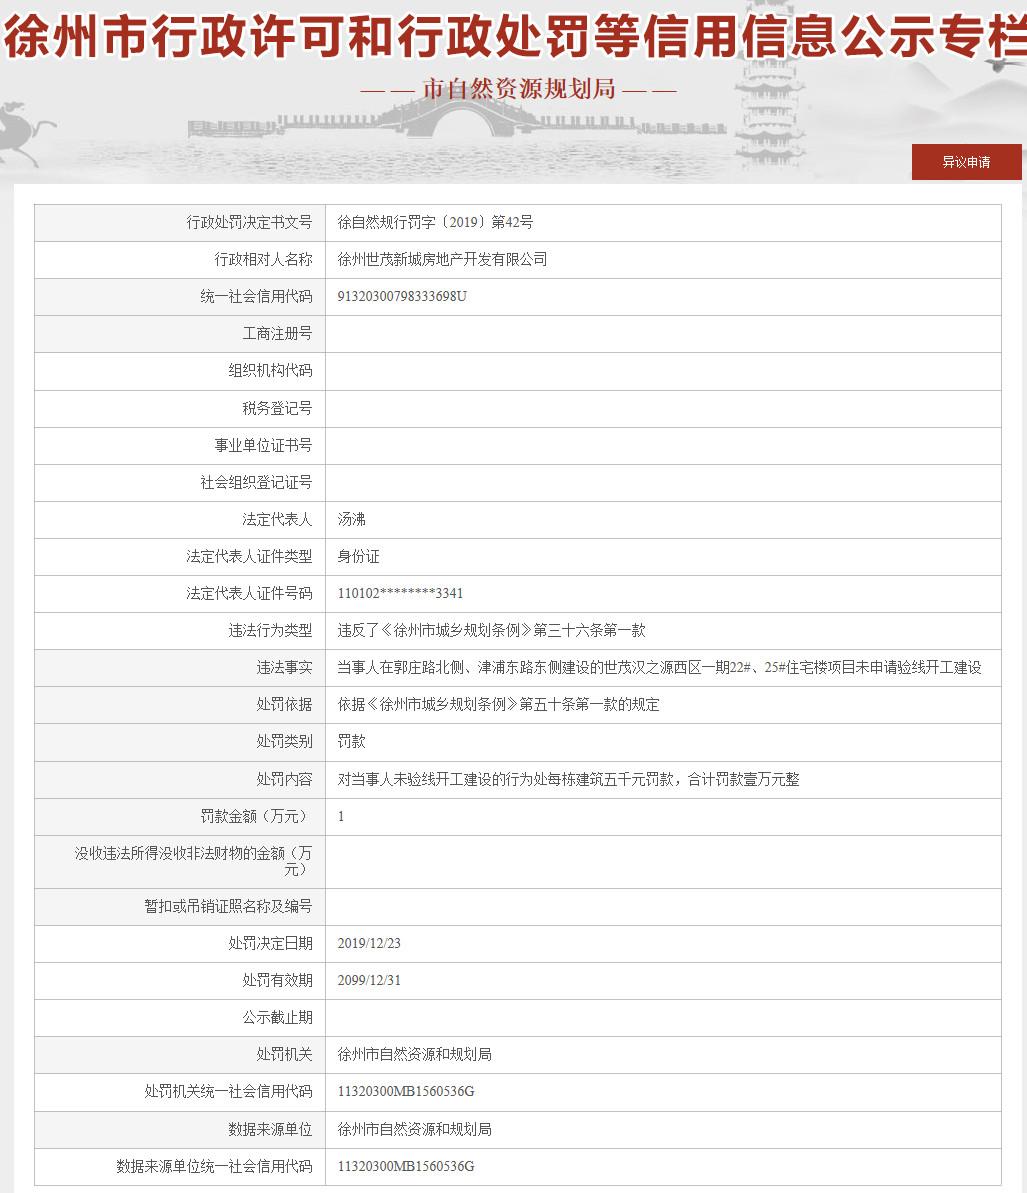 精彩:世茂房地产徐州子公司违规被罚此前有项目发生事故致1人死亡